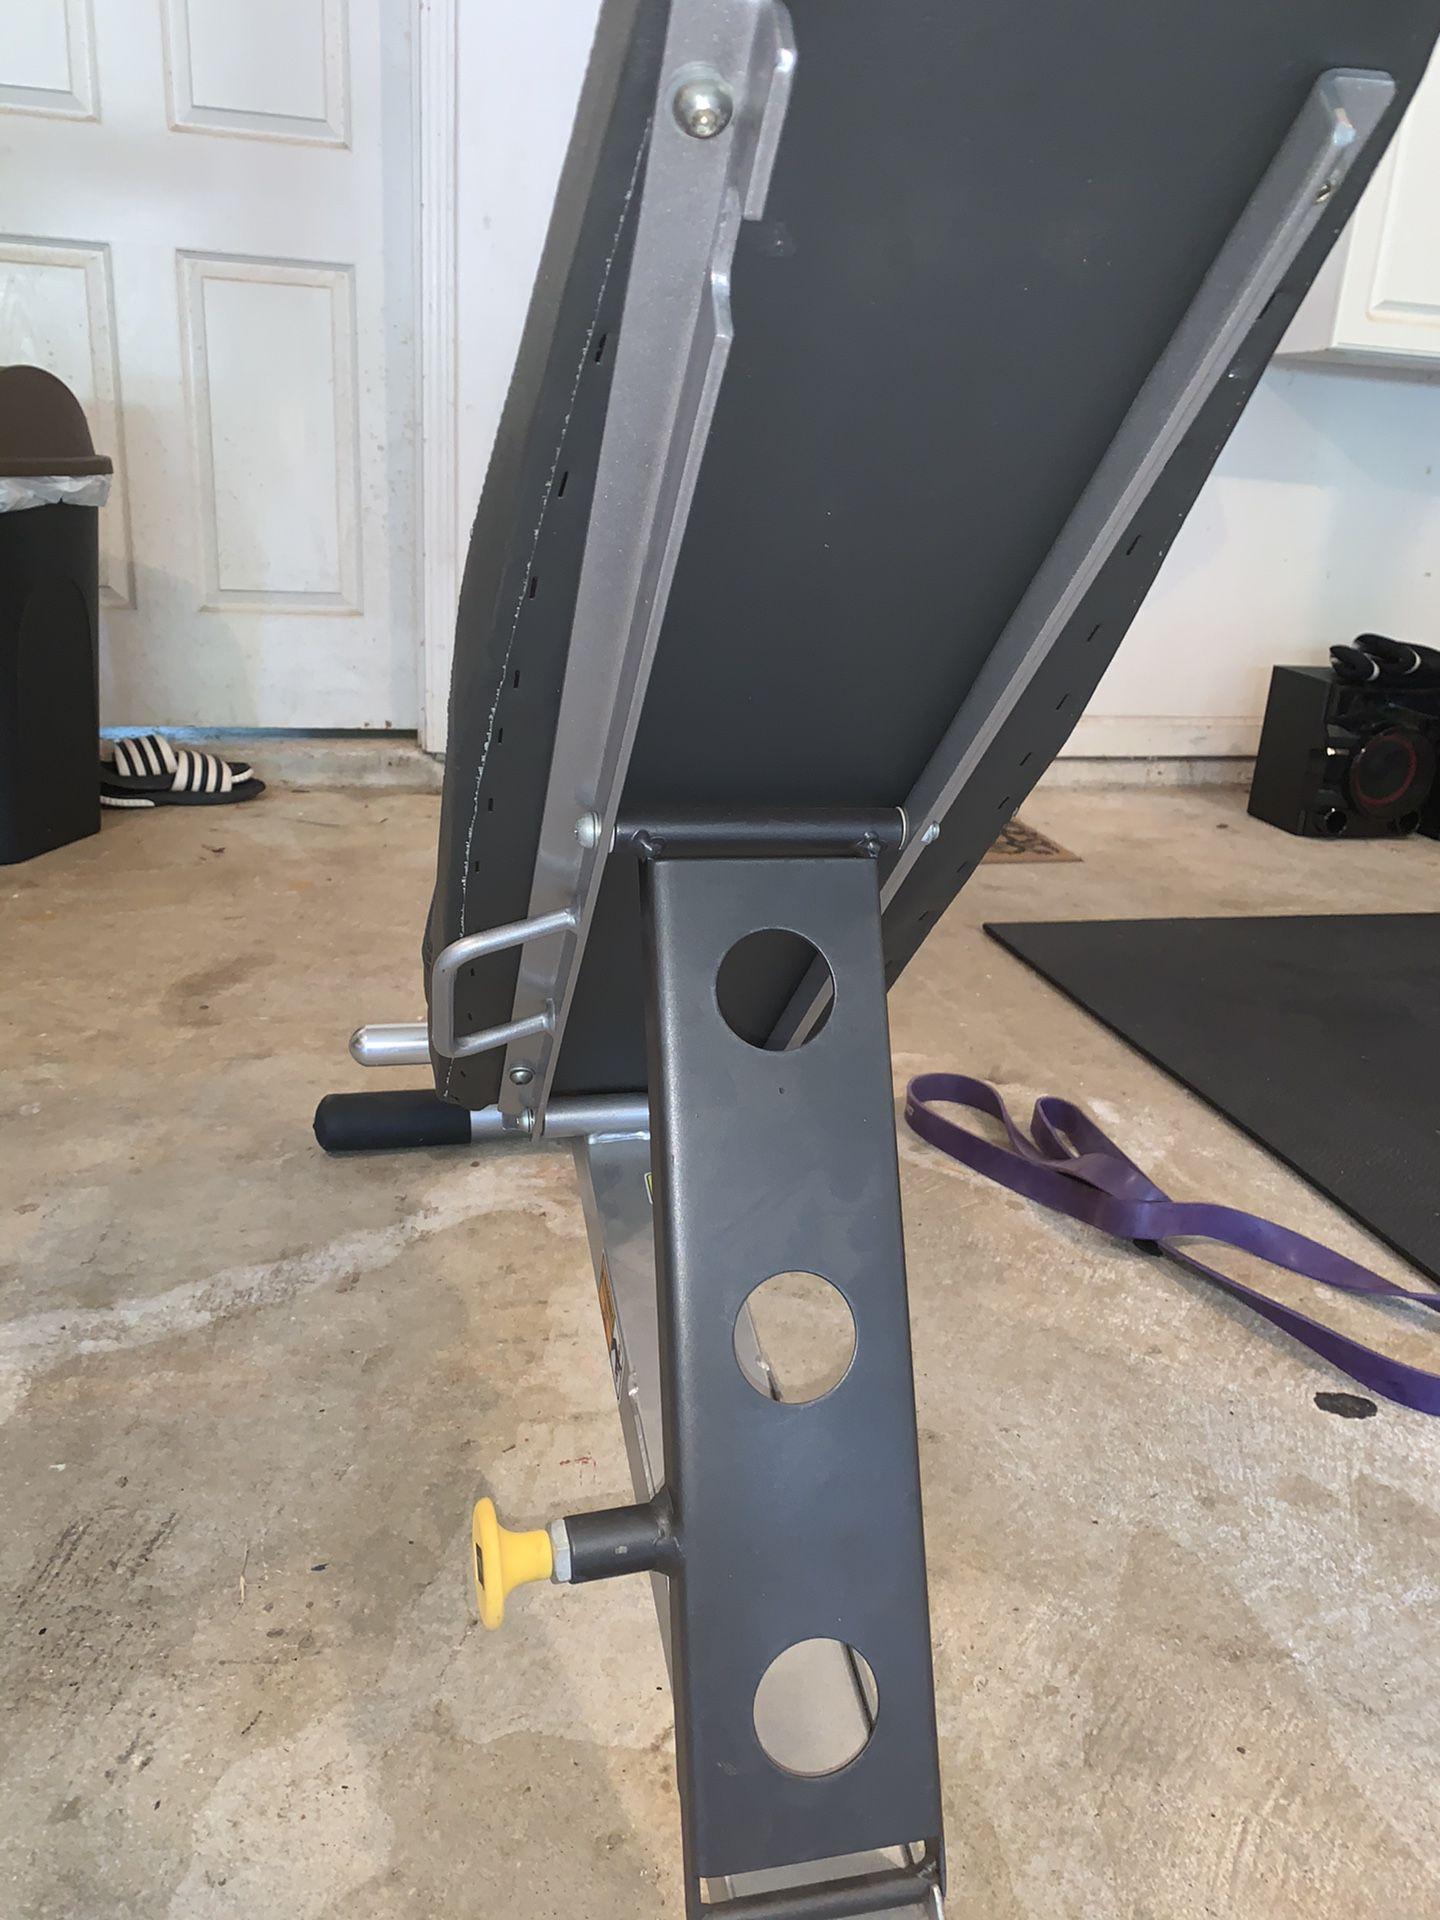 Hoist adjustable bench for lifting